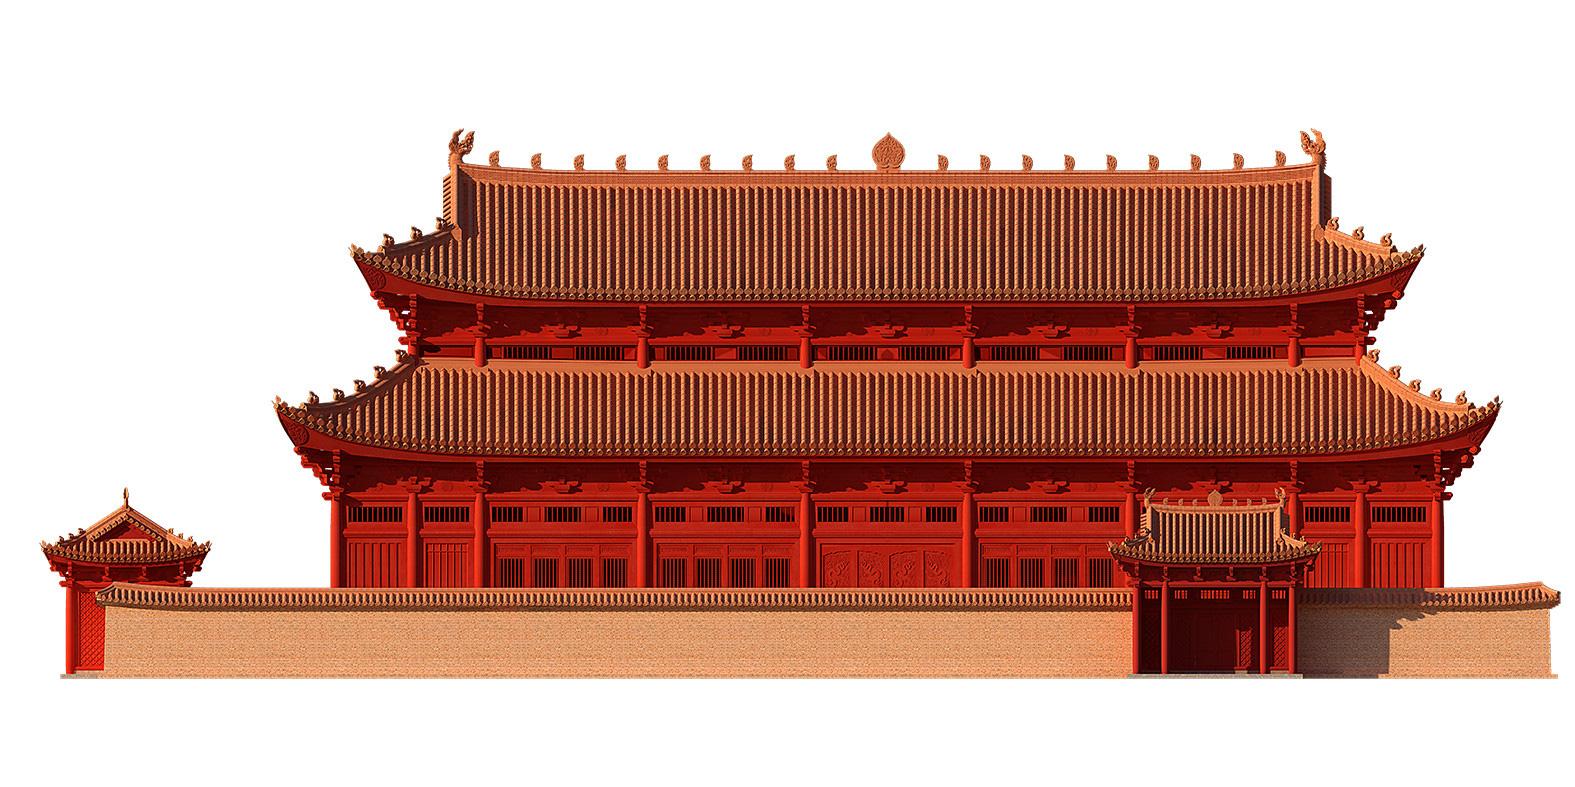 """Phát hiện """"chấn động"""" về hình thái kiến trúc cung điện thời Lý ở Hoàng thành Thăng Long (kỳ 1) - Ảnh 2."""